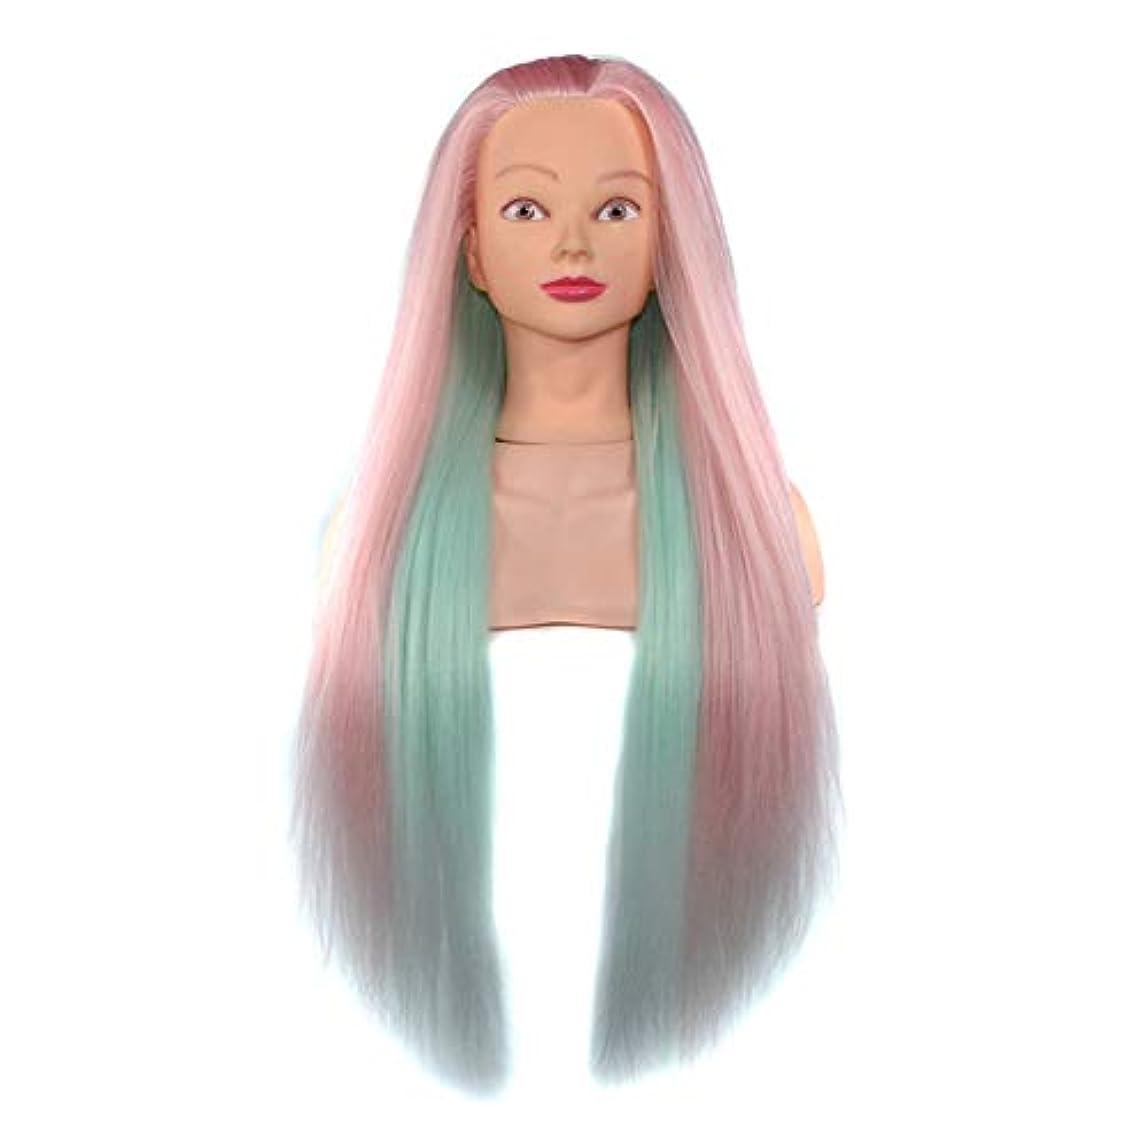 緊張とまり木雪だるまを作るヘアスタイリング練習ディスクヘア学習ヘッドモデル美容院高温ワイヤートレーニングヘッドマネキン人形ヘッド